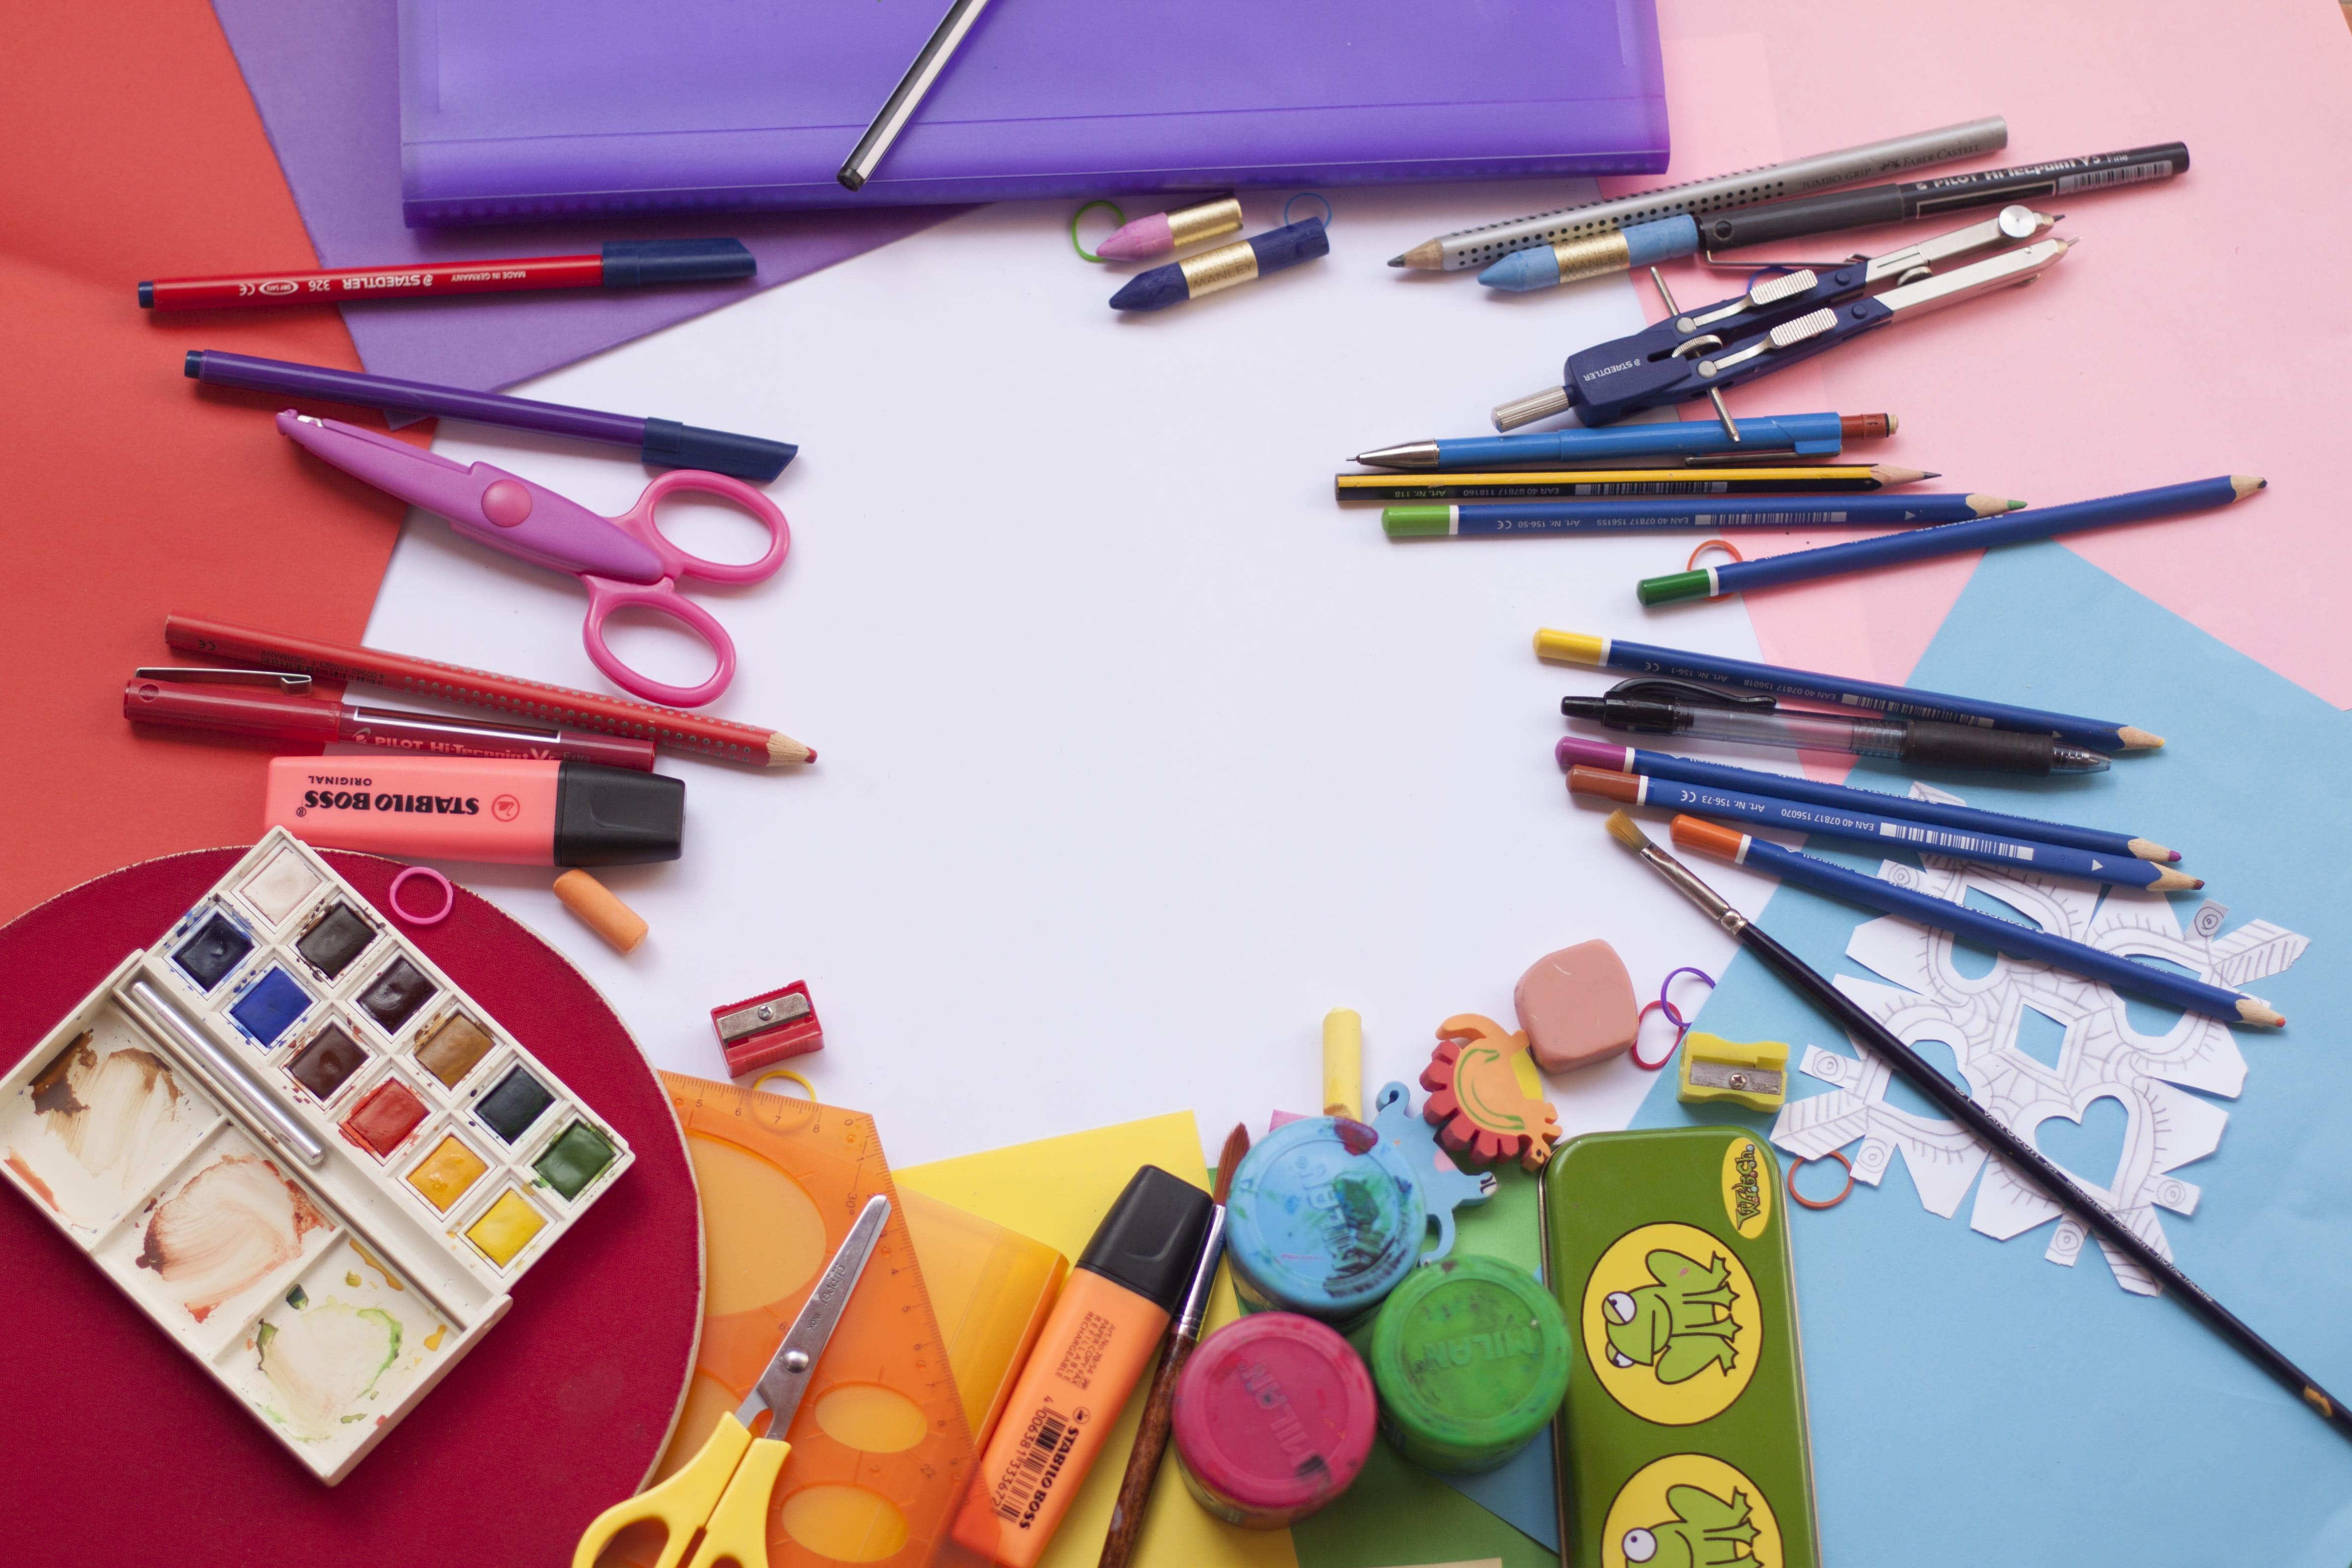 (P) Activități educative în vacanța de vară: 3 idei